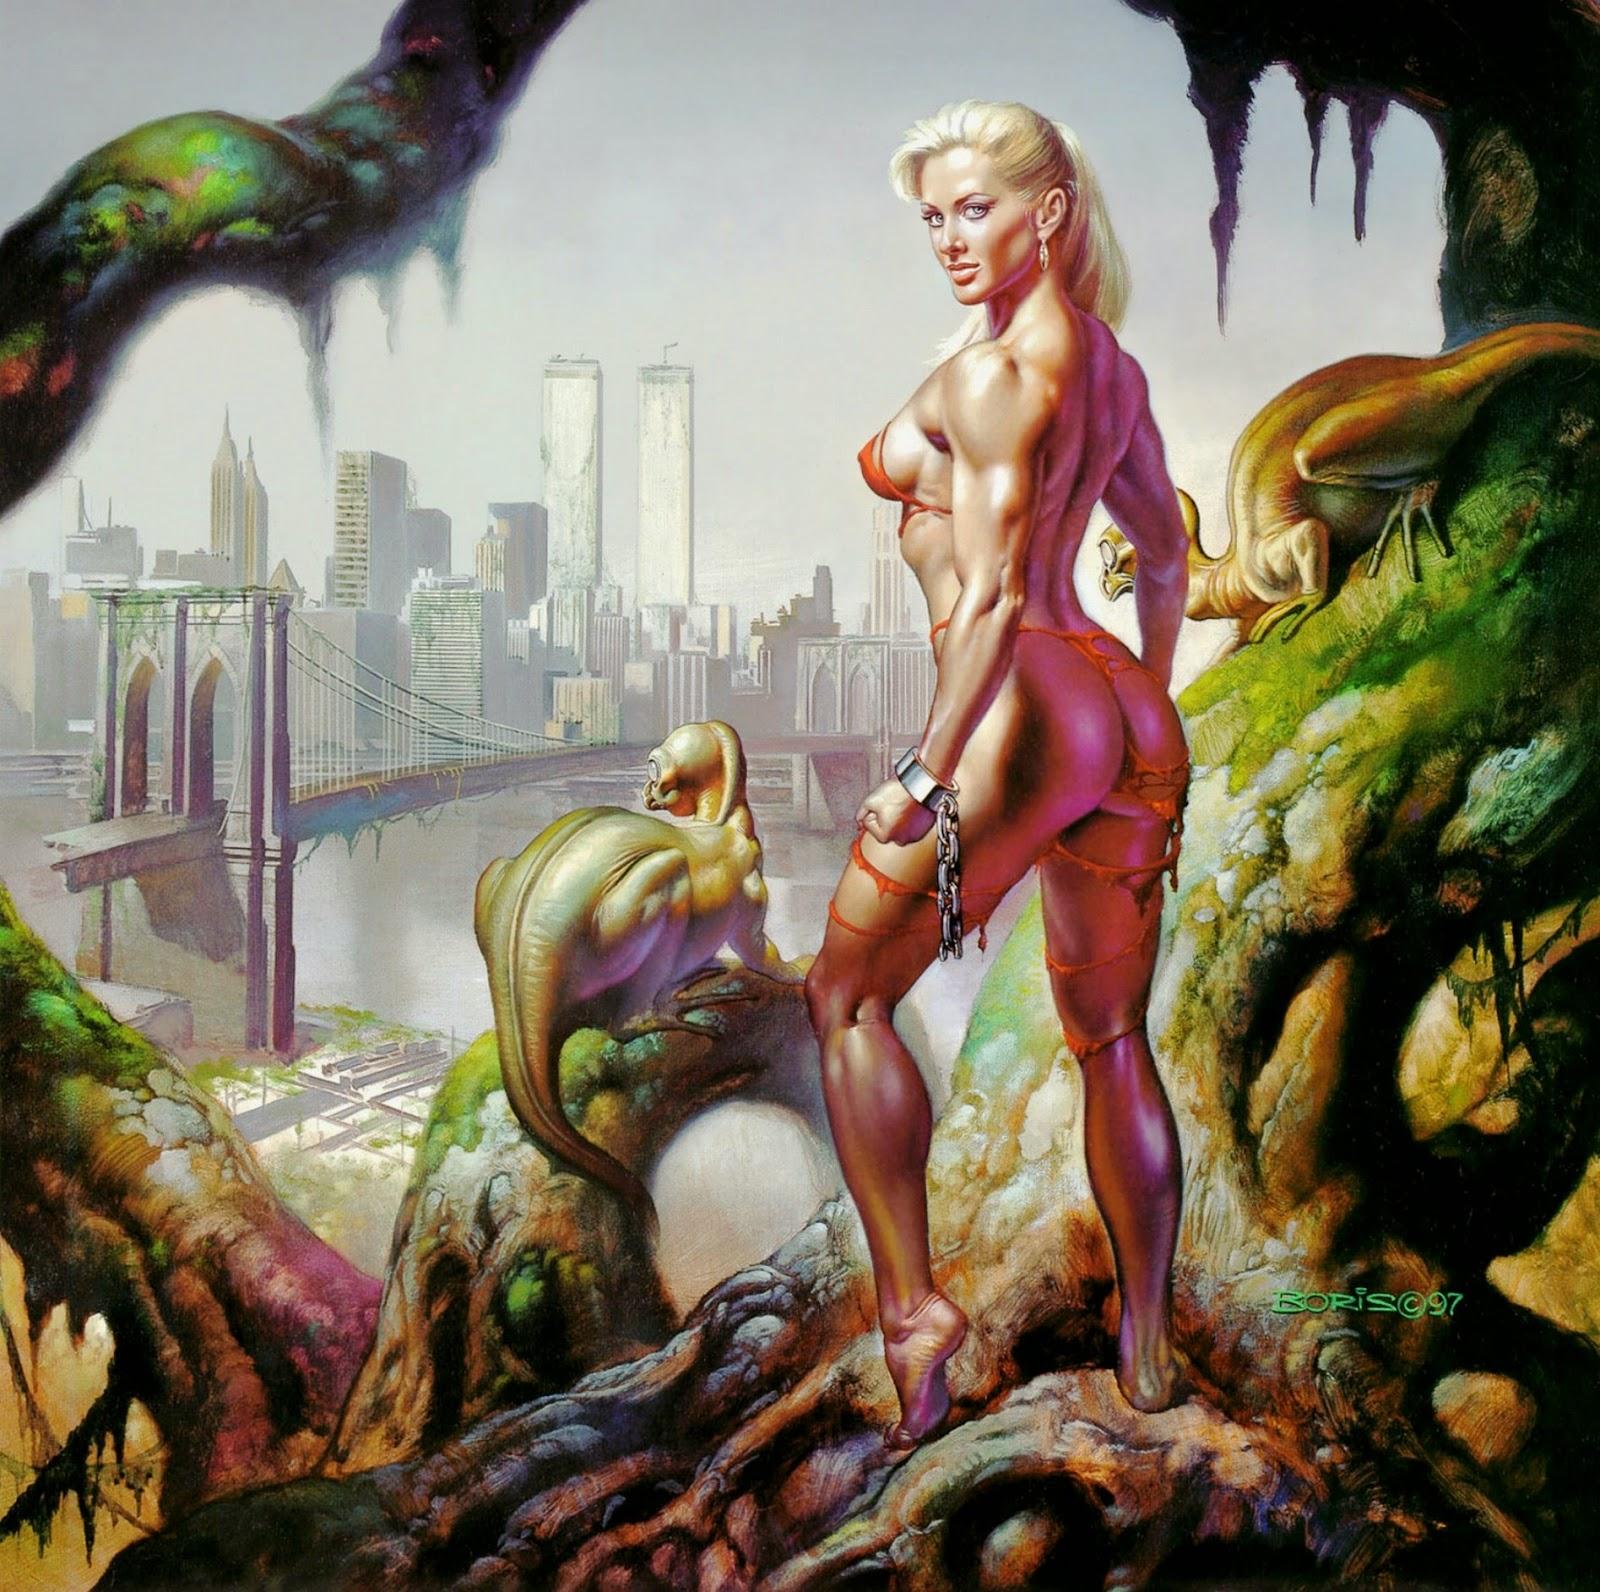 pinturas-futuristas